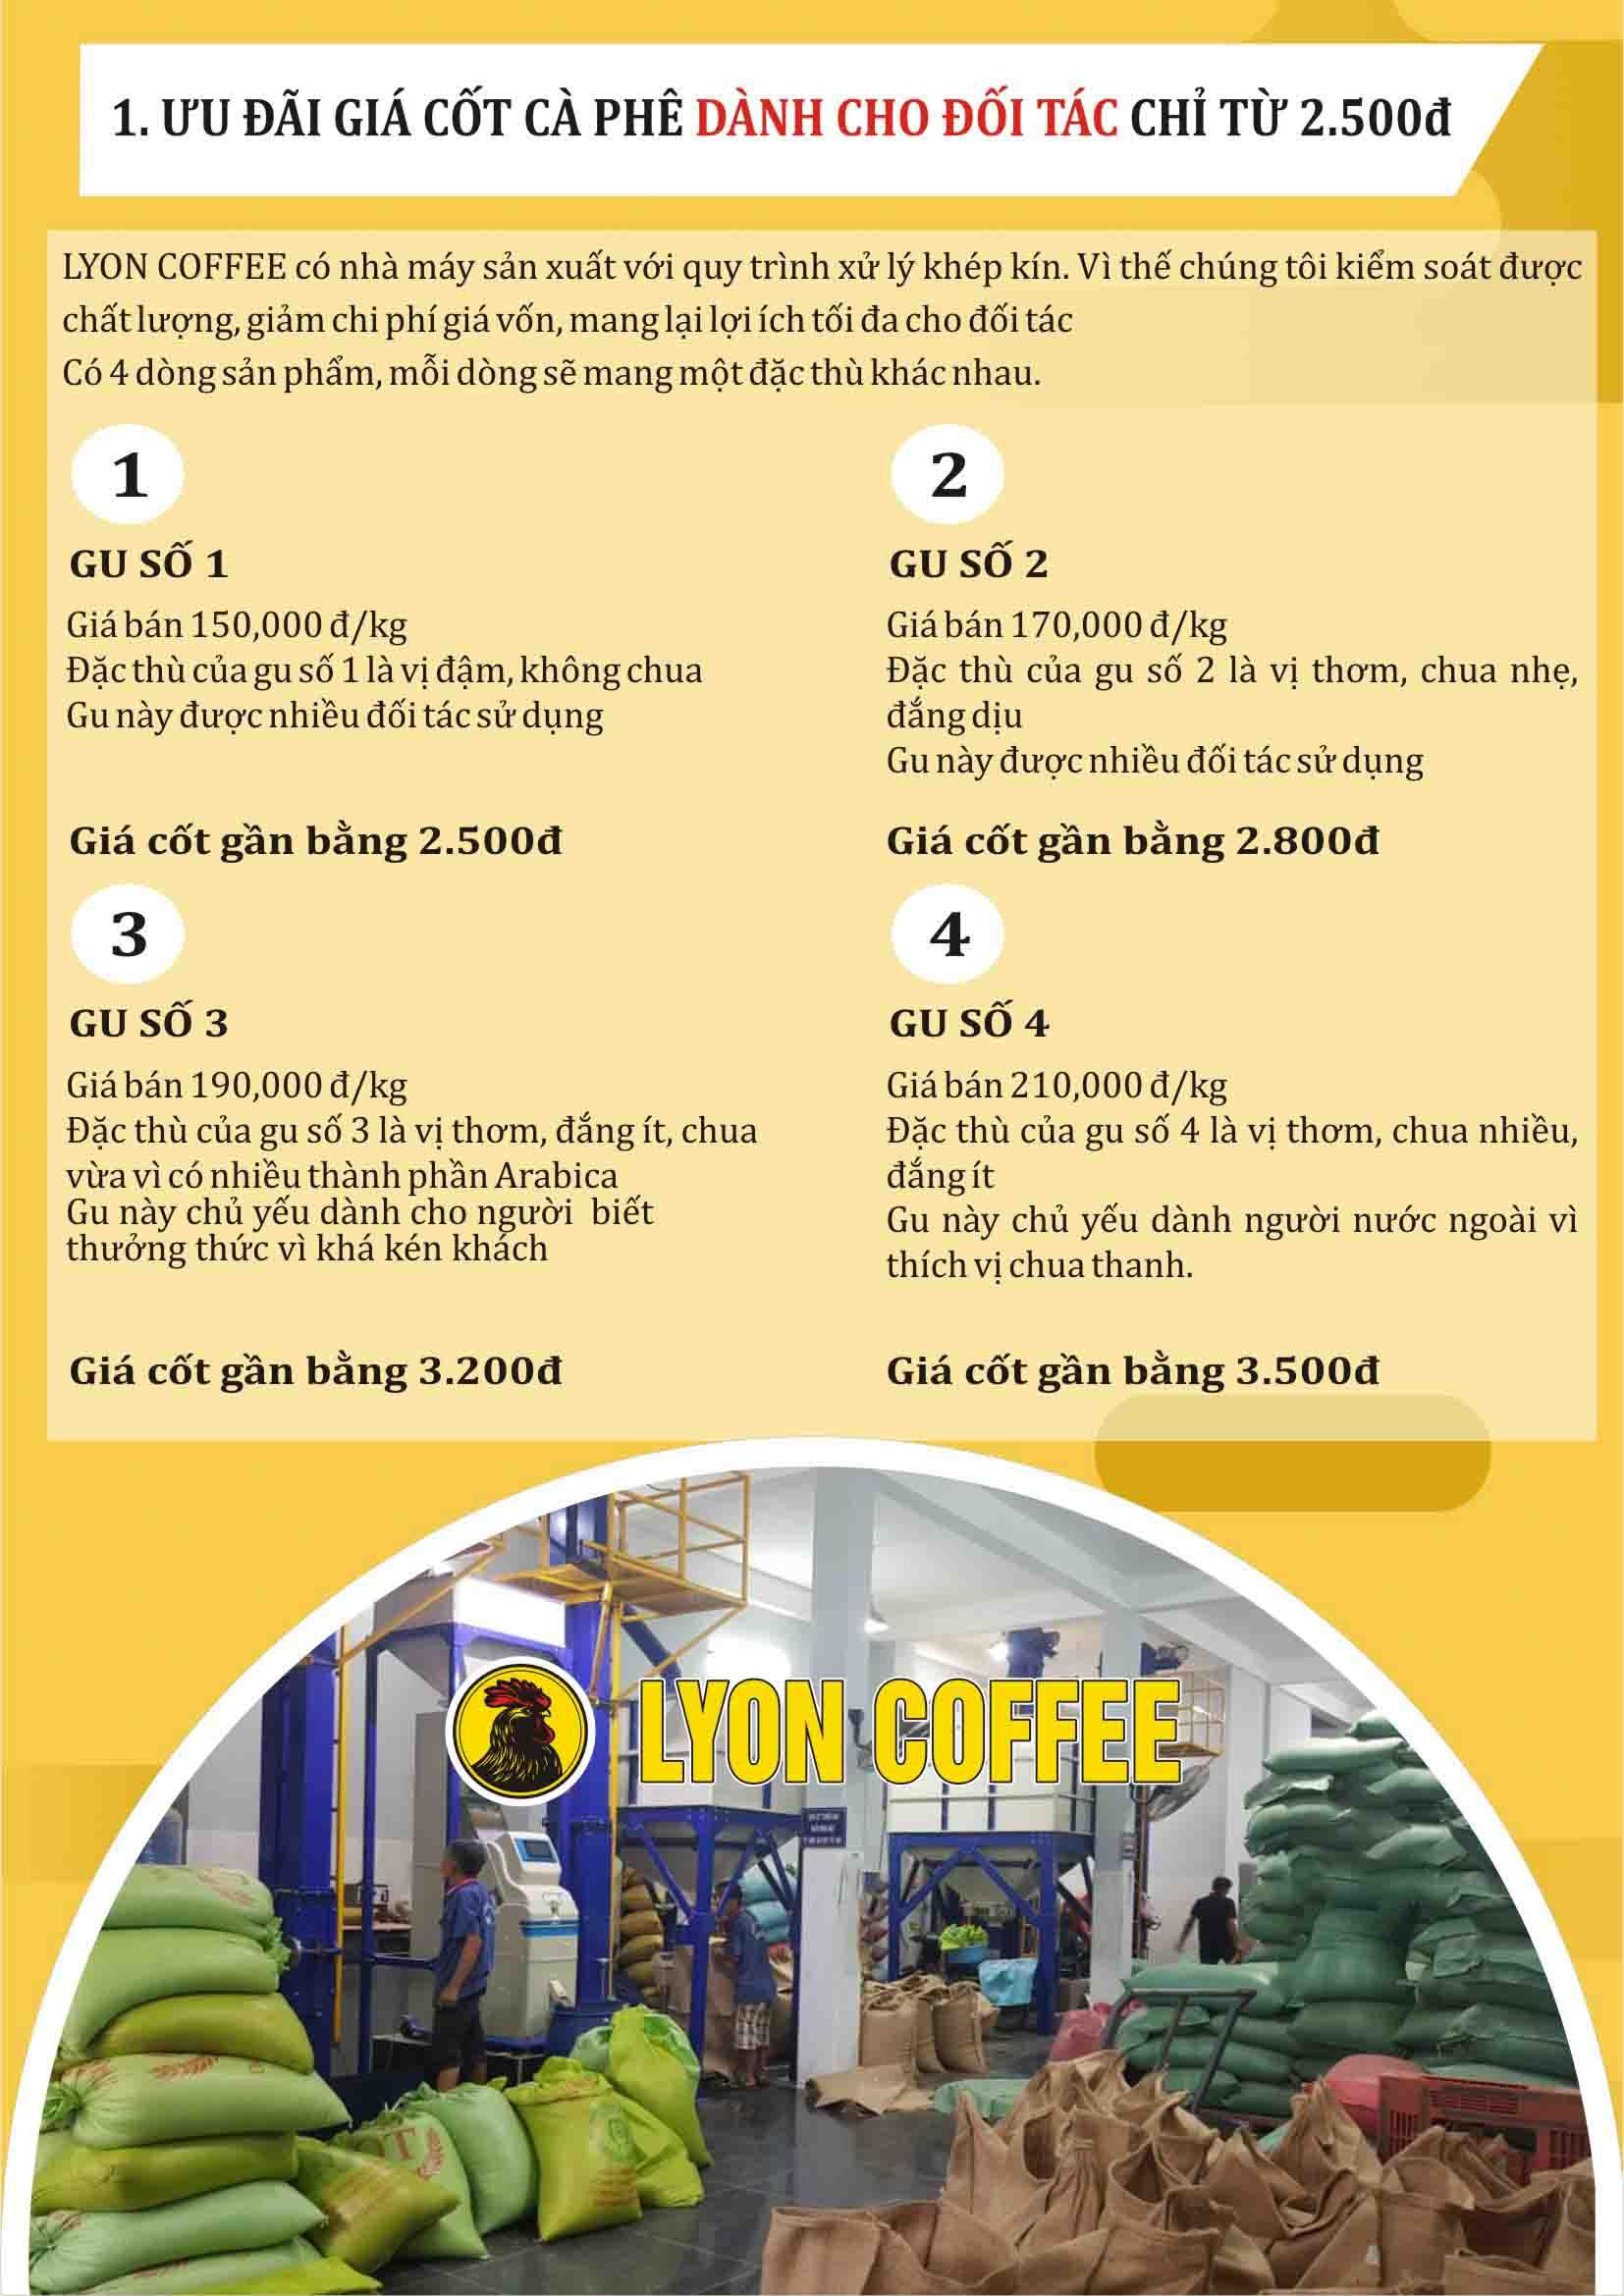 Hình ảnh nhà máy sản xuất của Tổng Công Ty